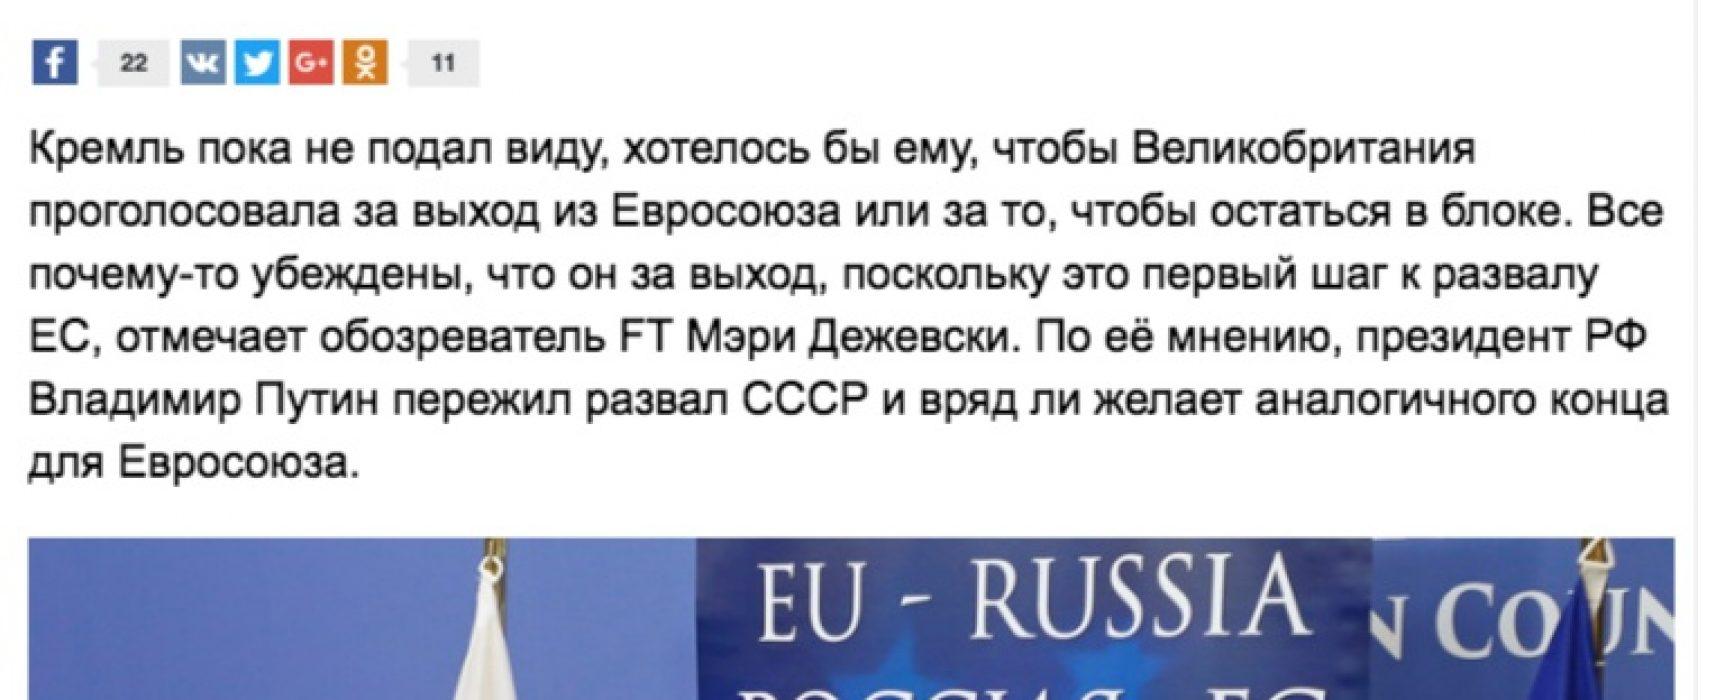 Фейк: Мнение прокремлевского колумниста представлено как мнение Financial Times